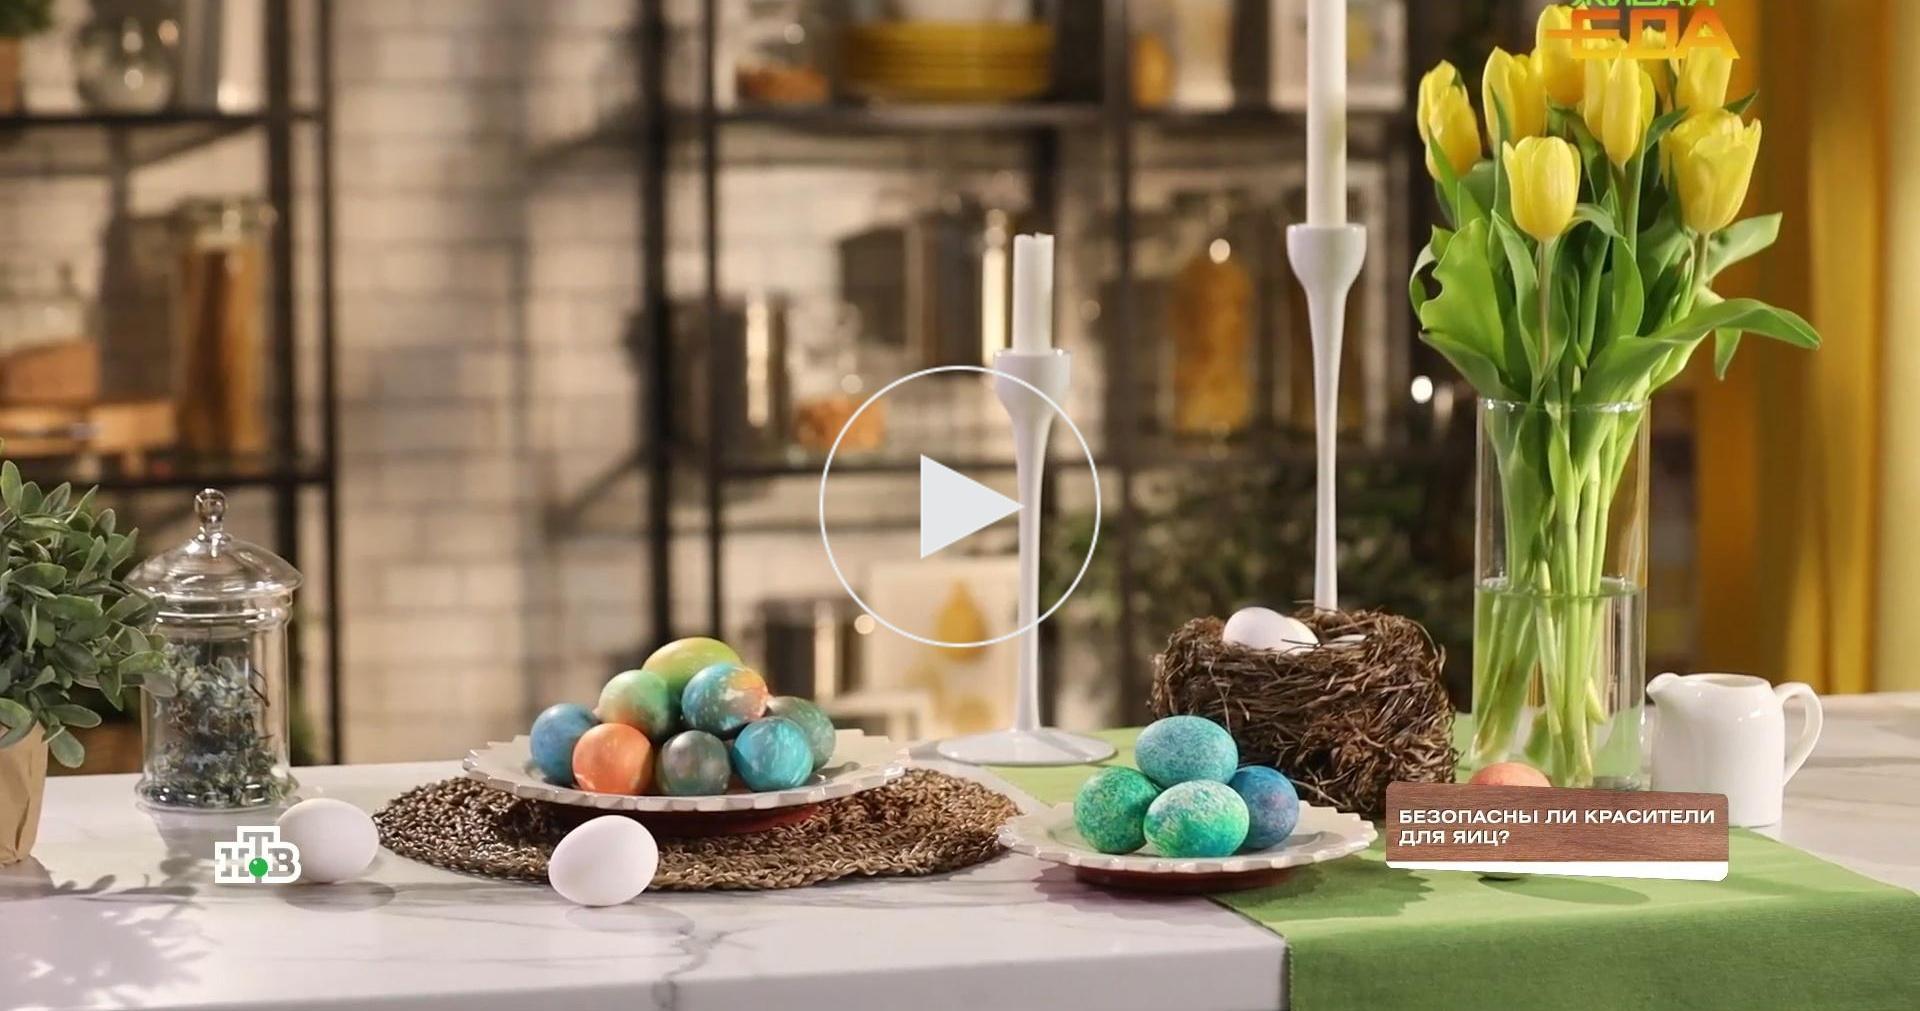 Безопасныли красители для яиц?